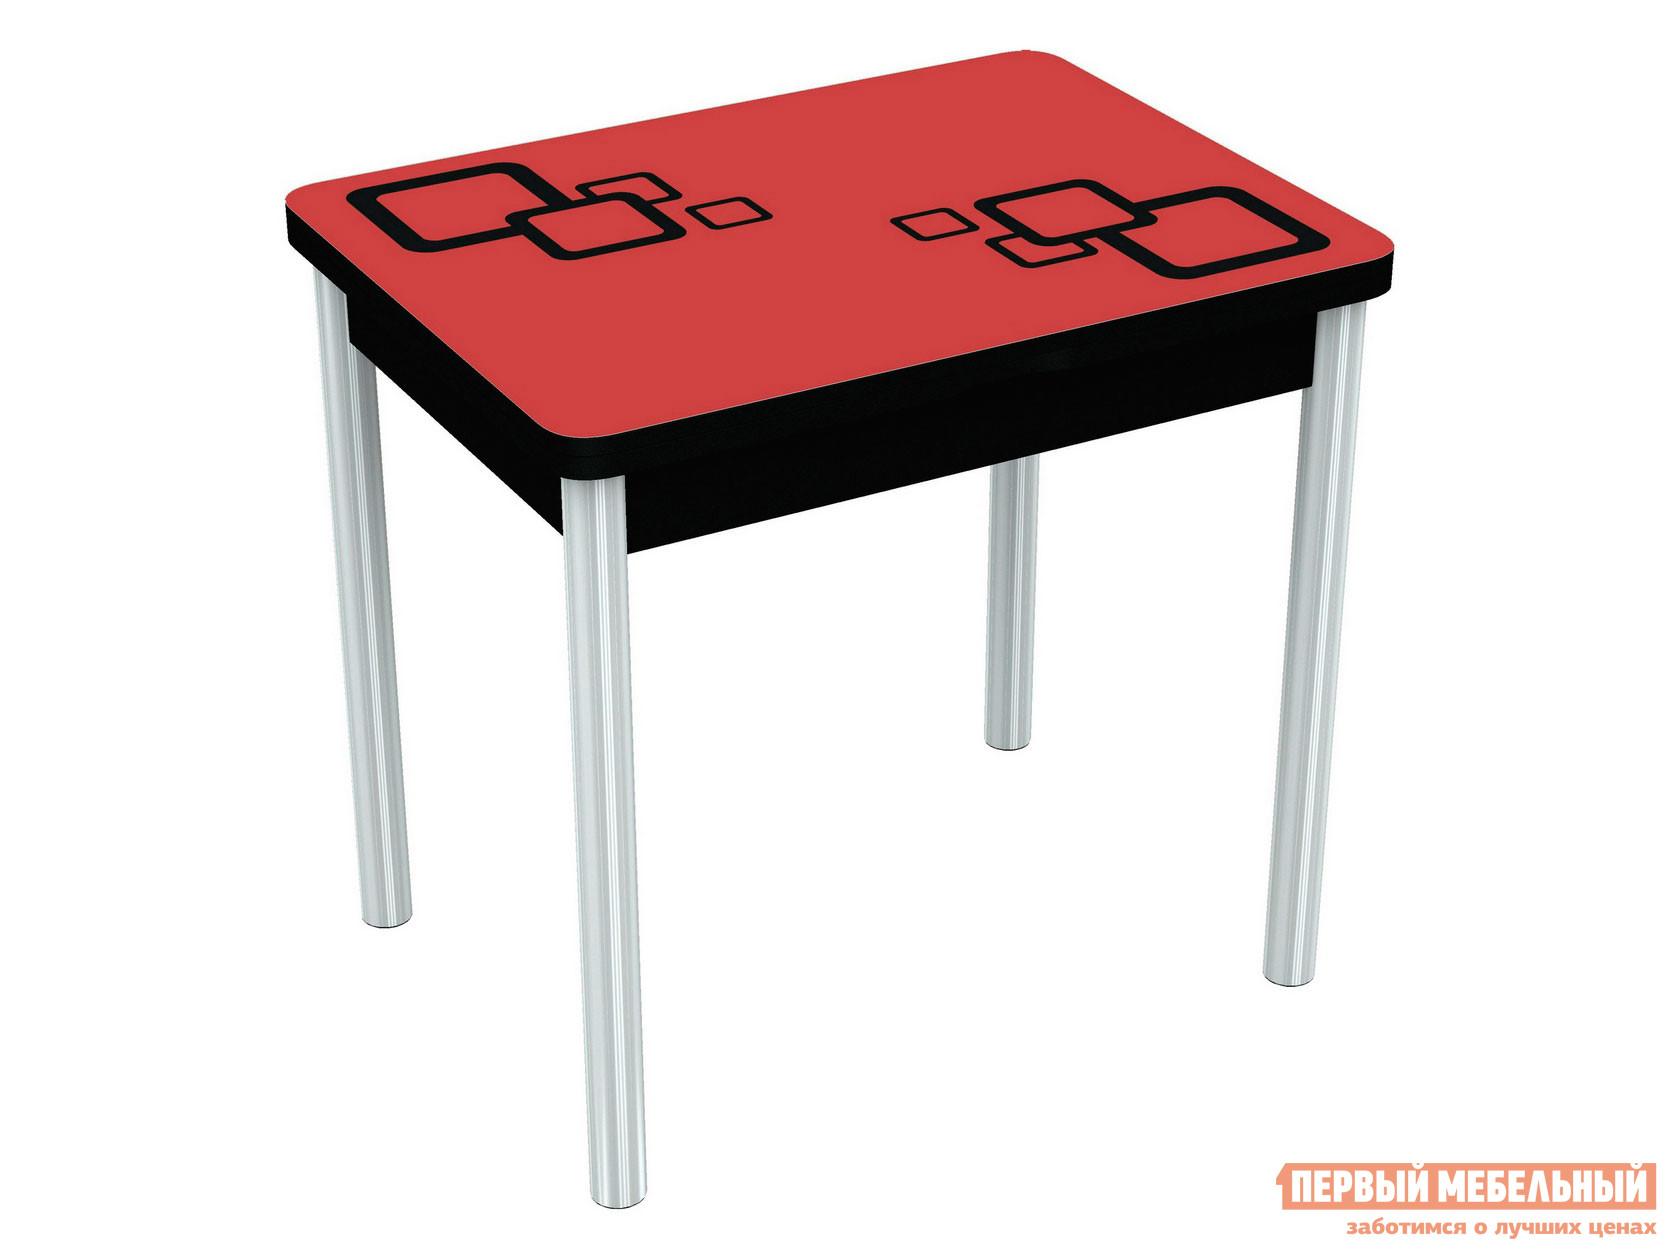 Кухонный стол  Бари - рисунок Стекло Красное, Рисунок Черный (квадро) / ЛДСП Черная